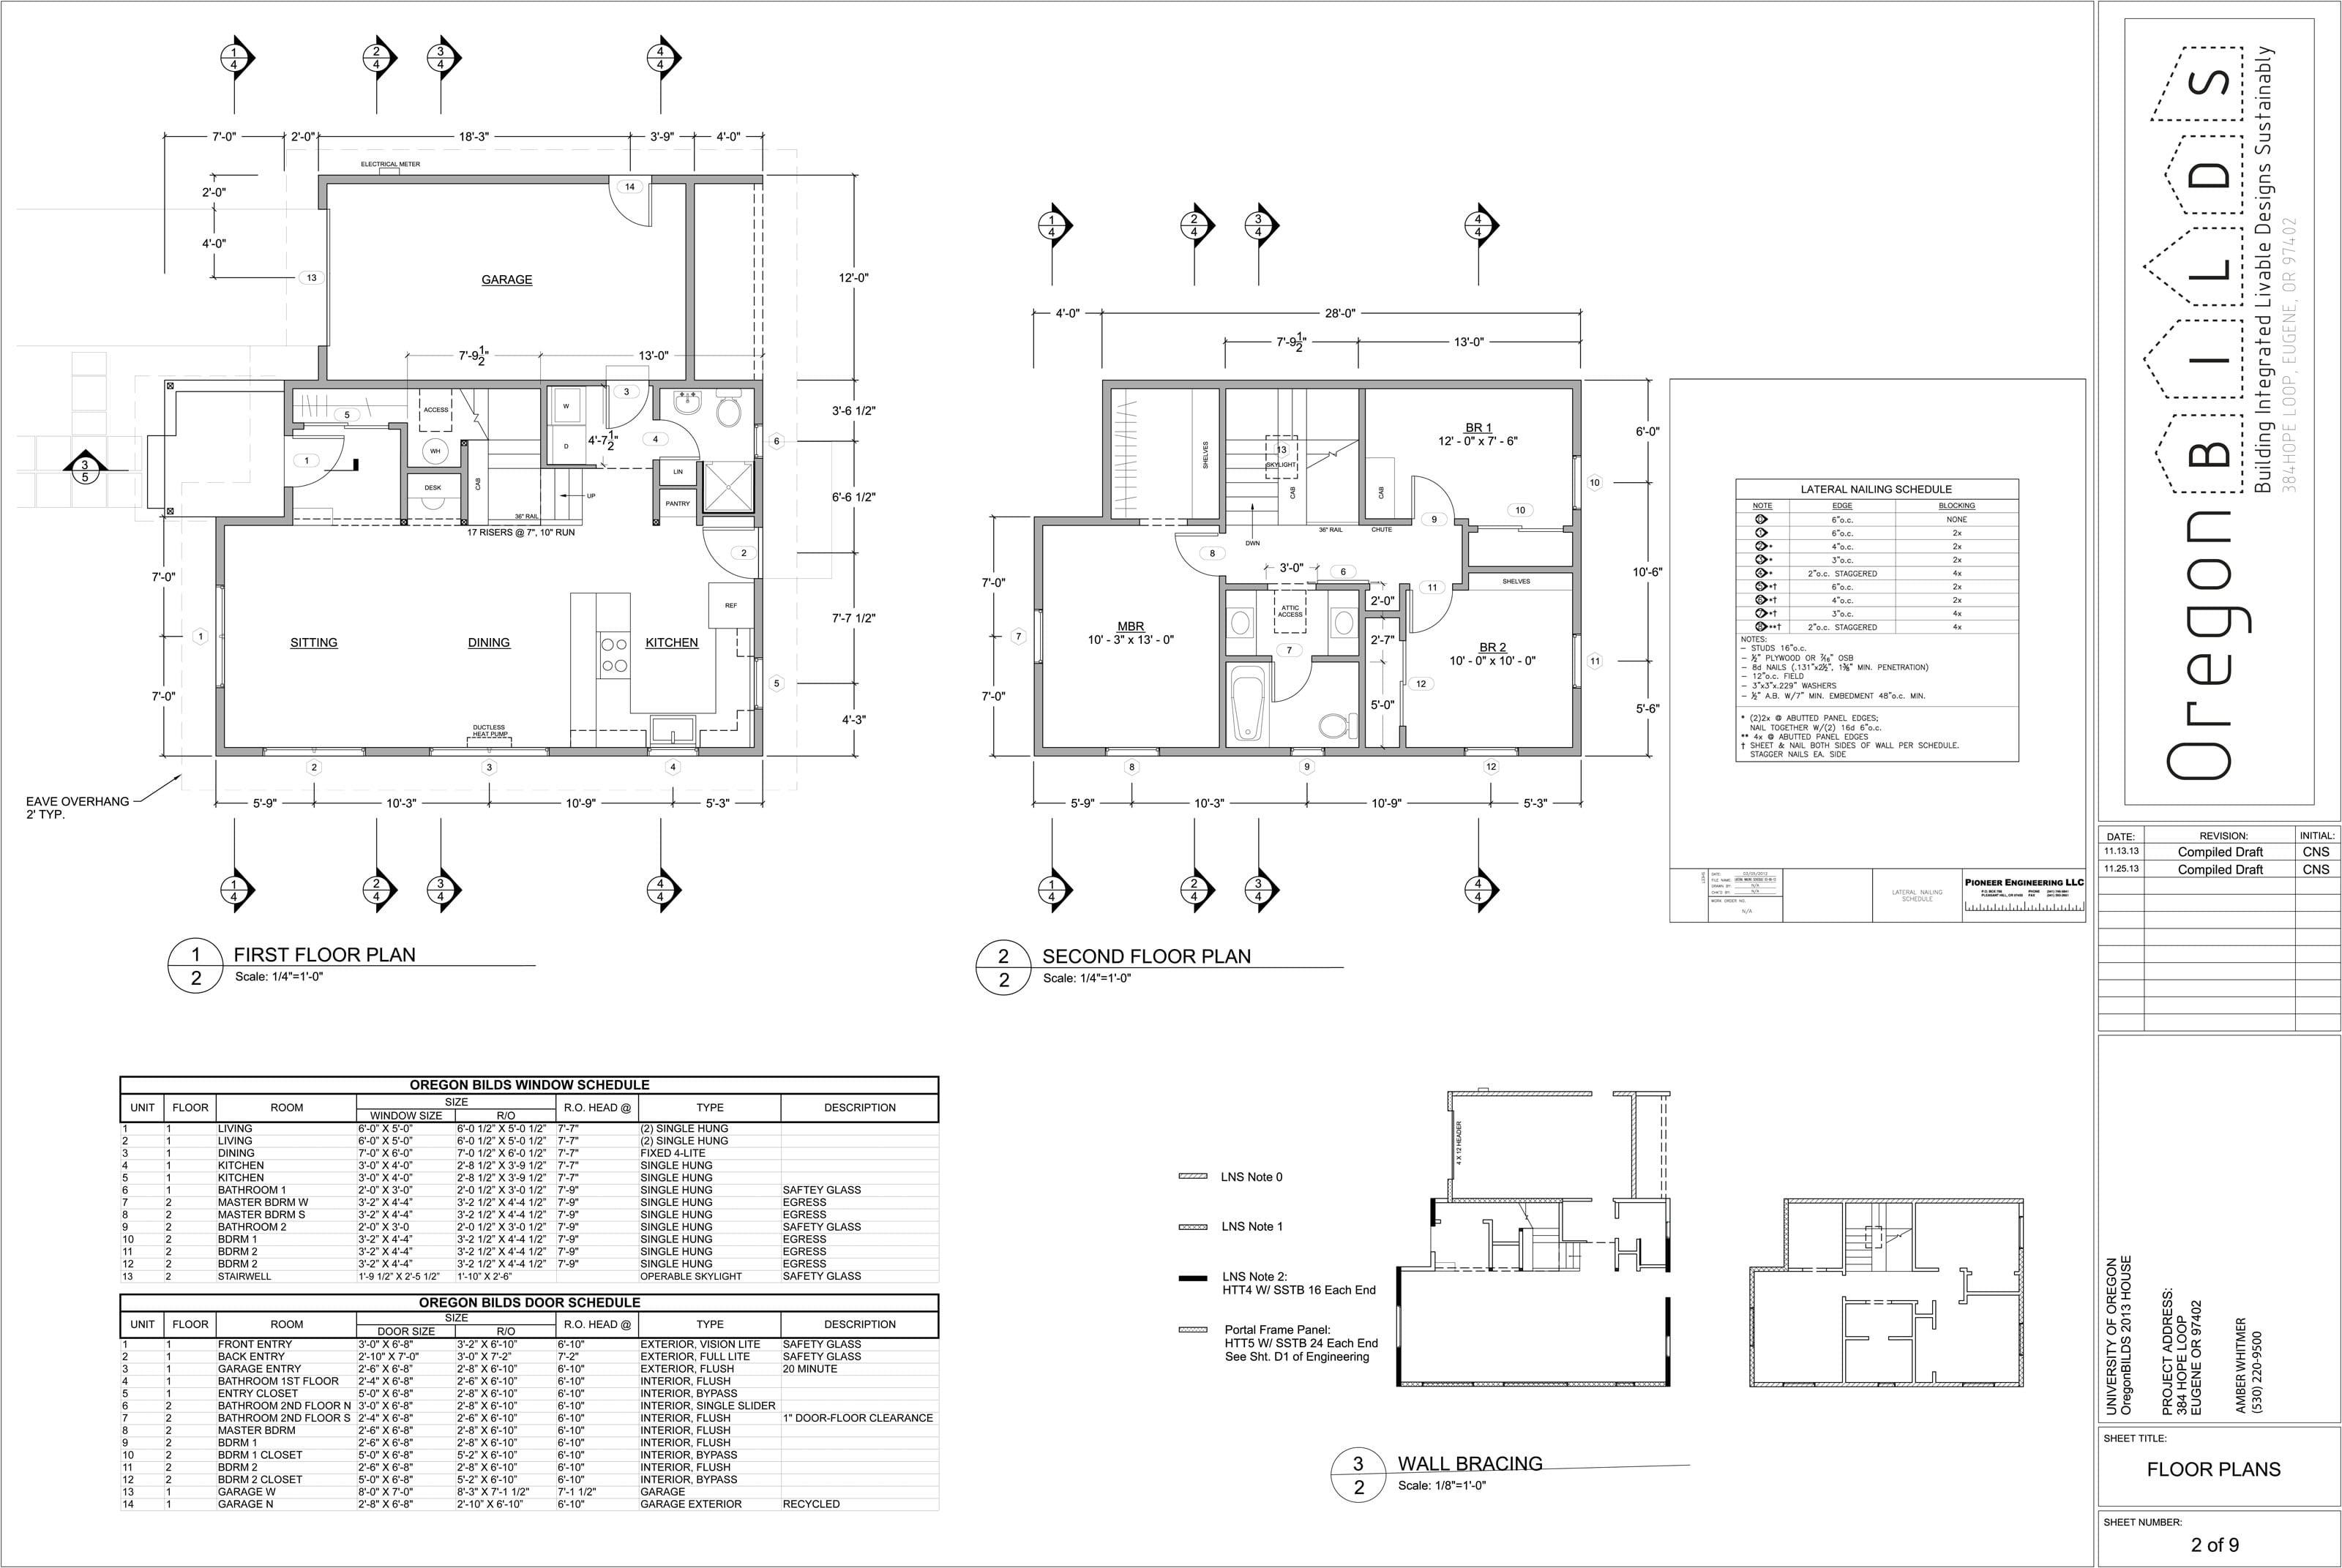 2_Floor Plan